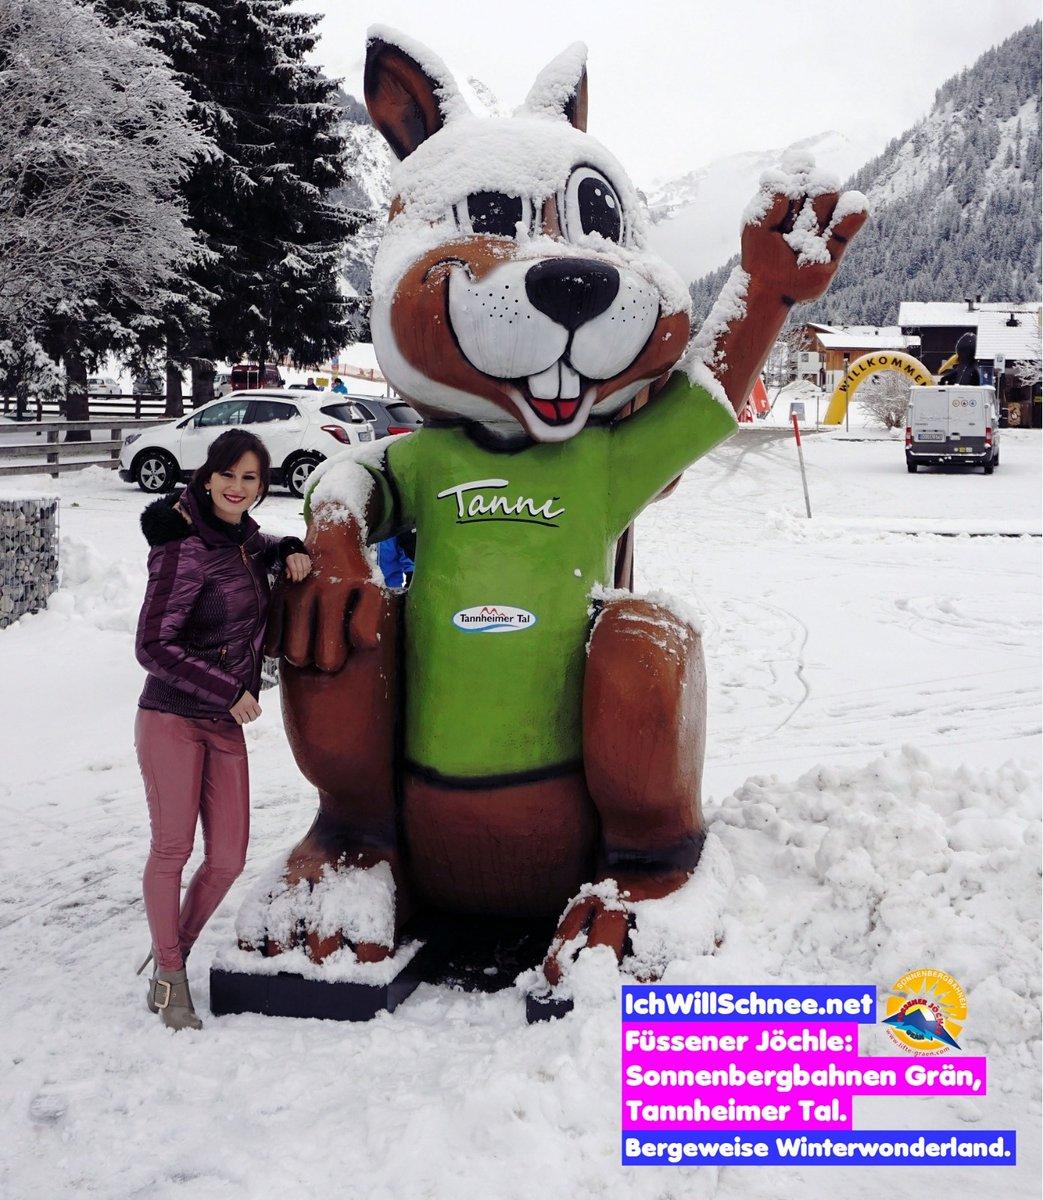 Kennt ihr schon meinen neuen Freund Tanni das Maskottchen vom Tannheimer Tal?   Berichte aus dem Tannheimer Tal zu sehen bei IchWillMehr TV #YouTube  Kisses Lena IWM von IchWillSchnee (LA) @tannheimertal  #tannheimertal #tanni #austria #tirol #ShinyLenapic.twitter.com/5bqaG1NZAT